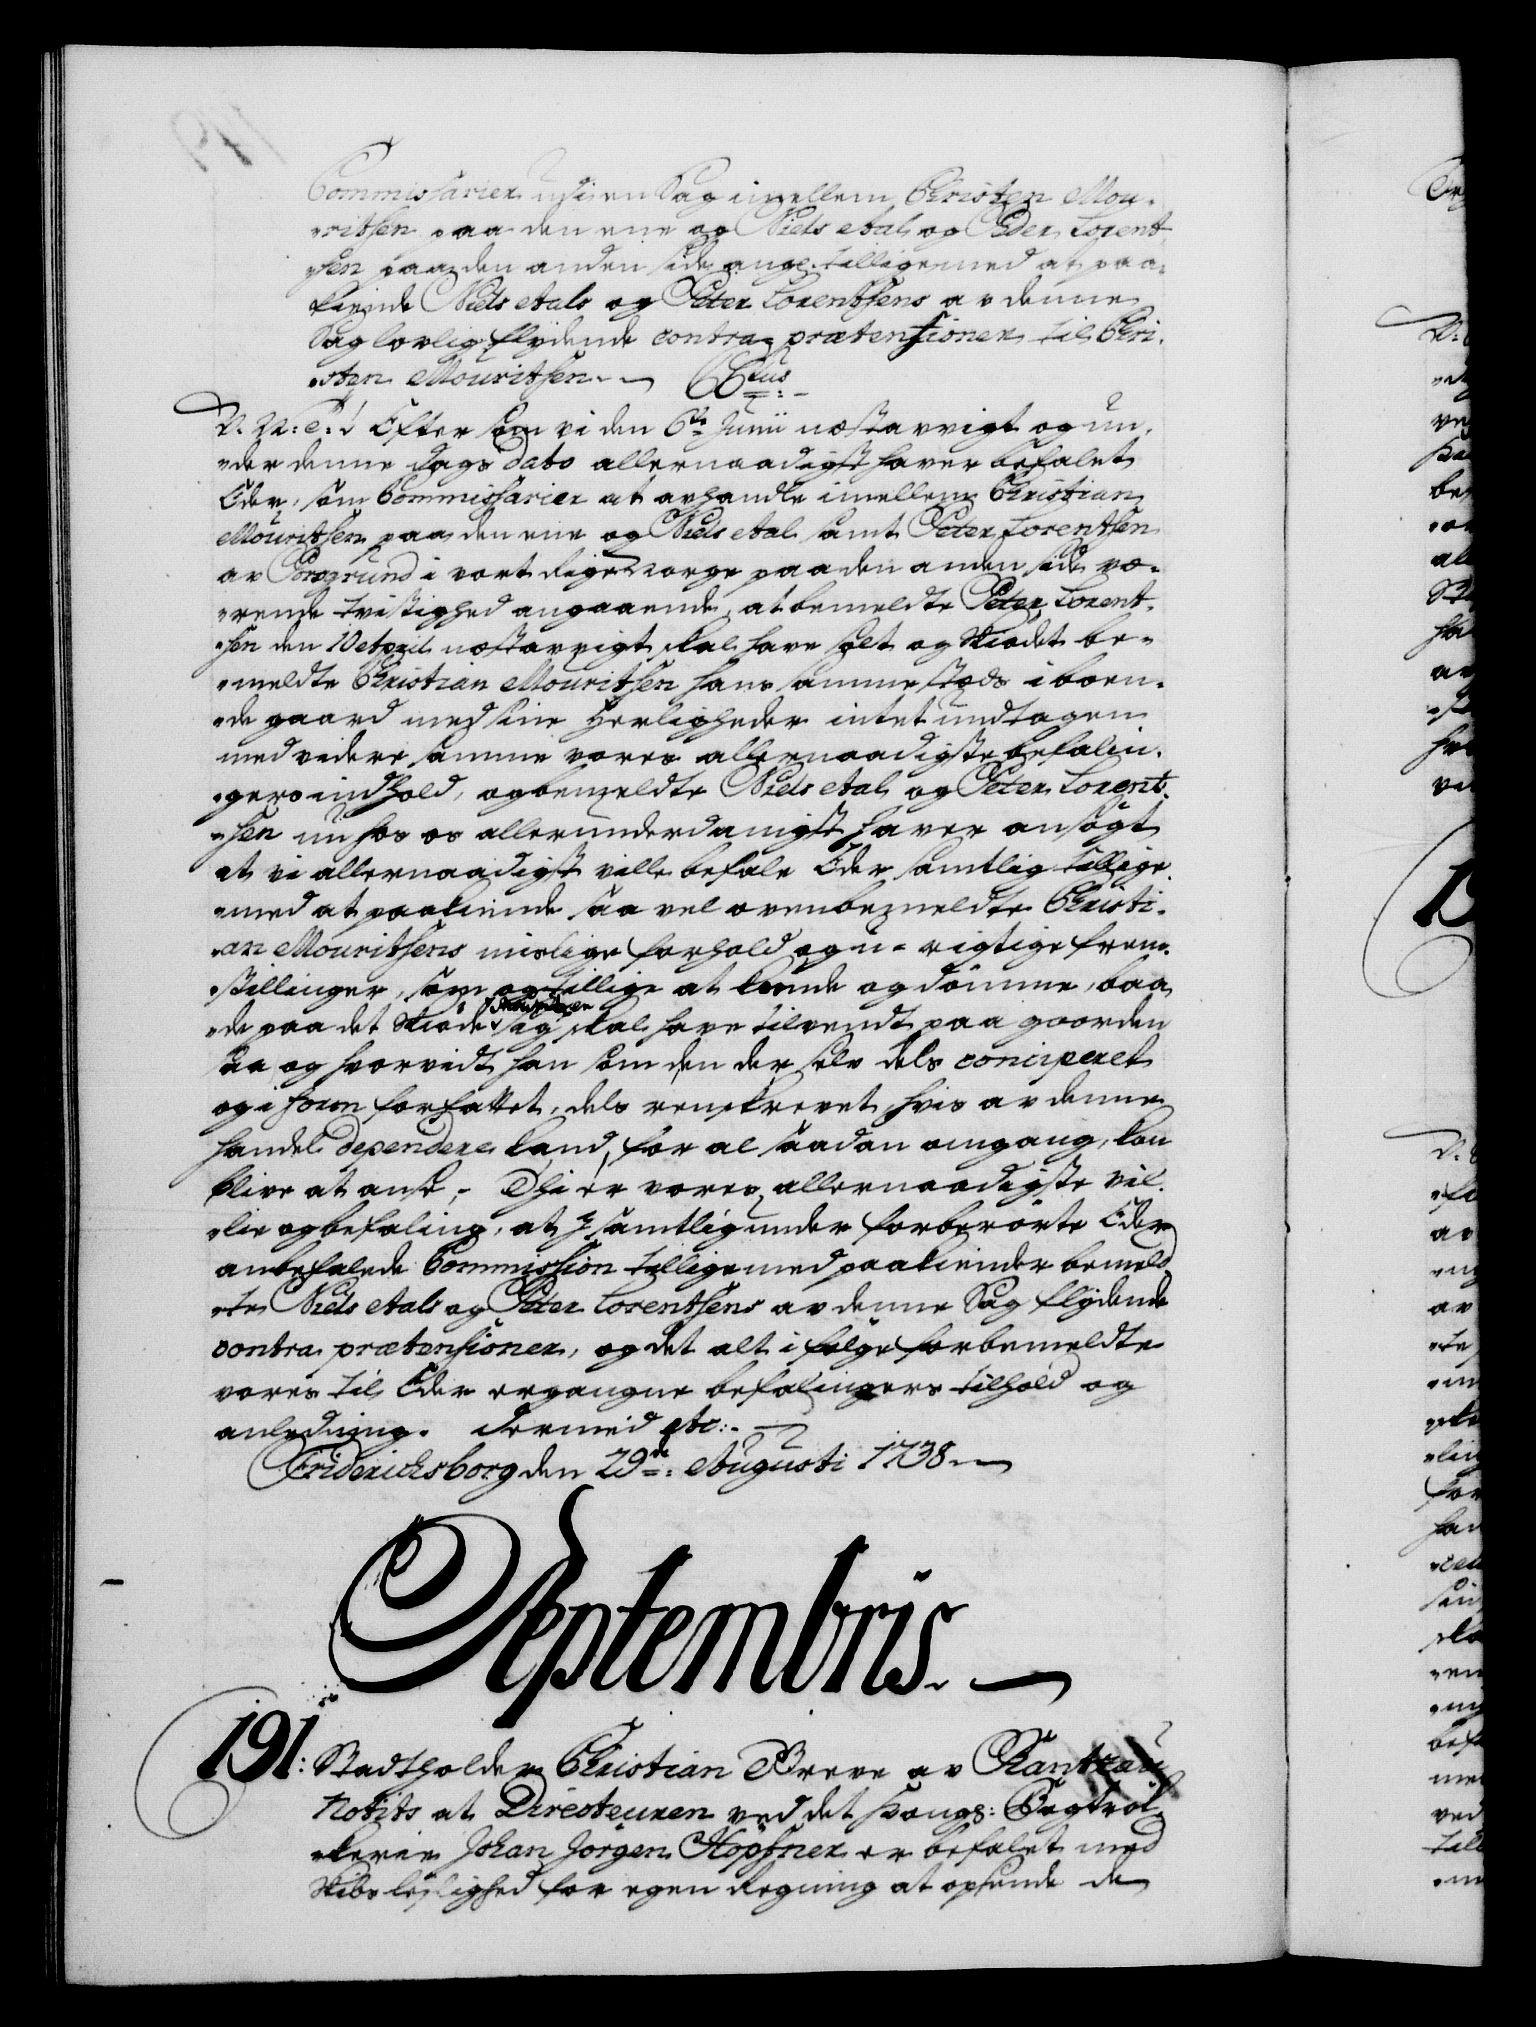 RA, Danske Kanselli 1572-1799, F/Fc/Fca/Fcab/L0028: Norske tegnelser, 1738-1740, s. 149b